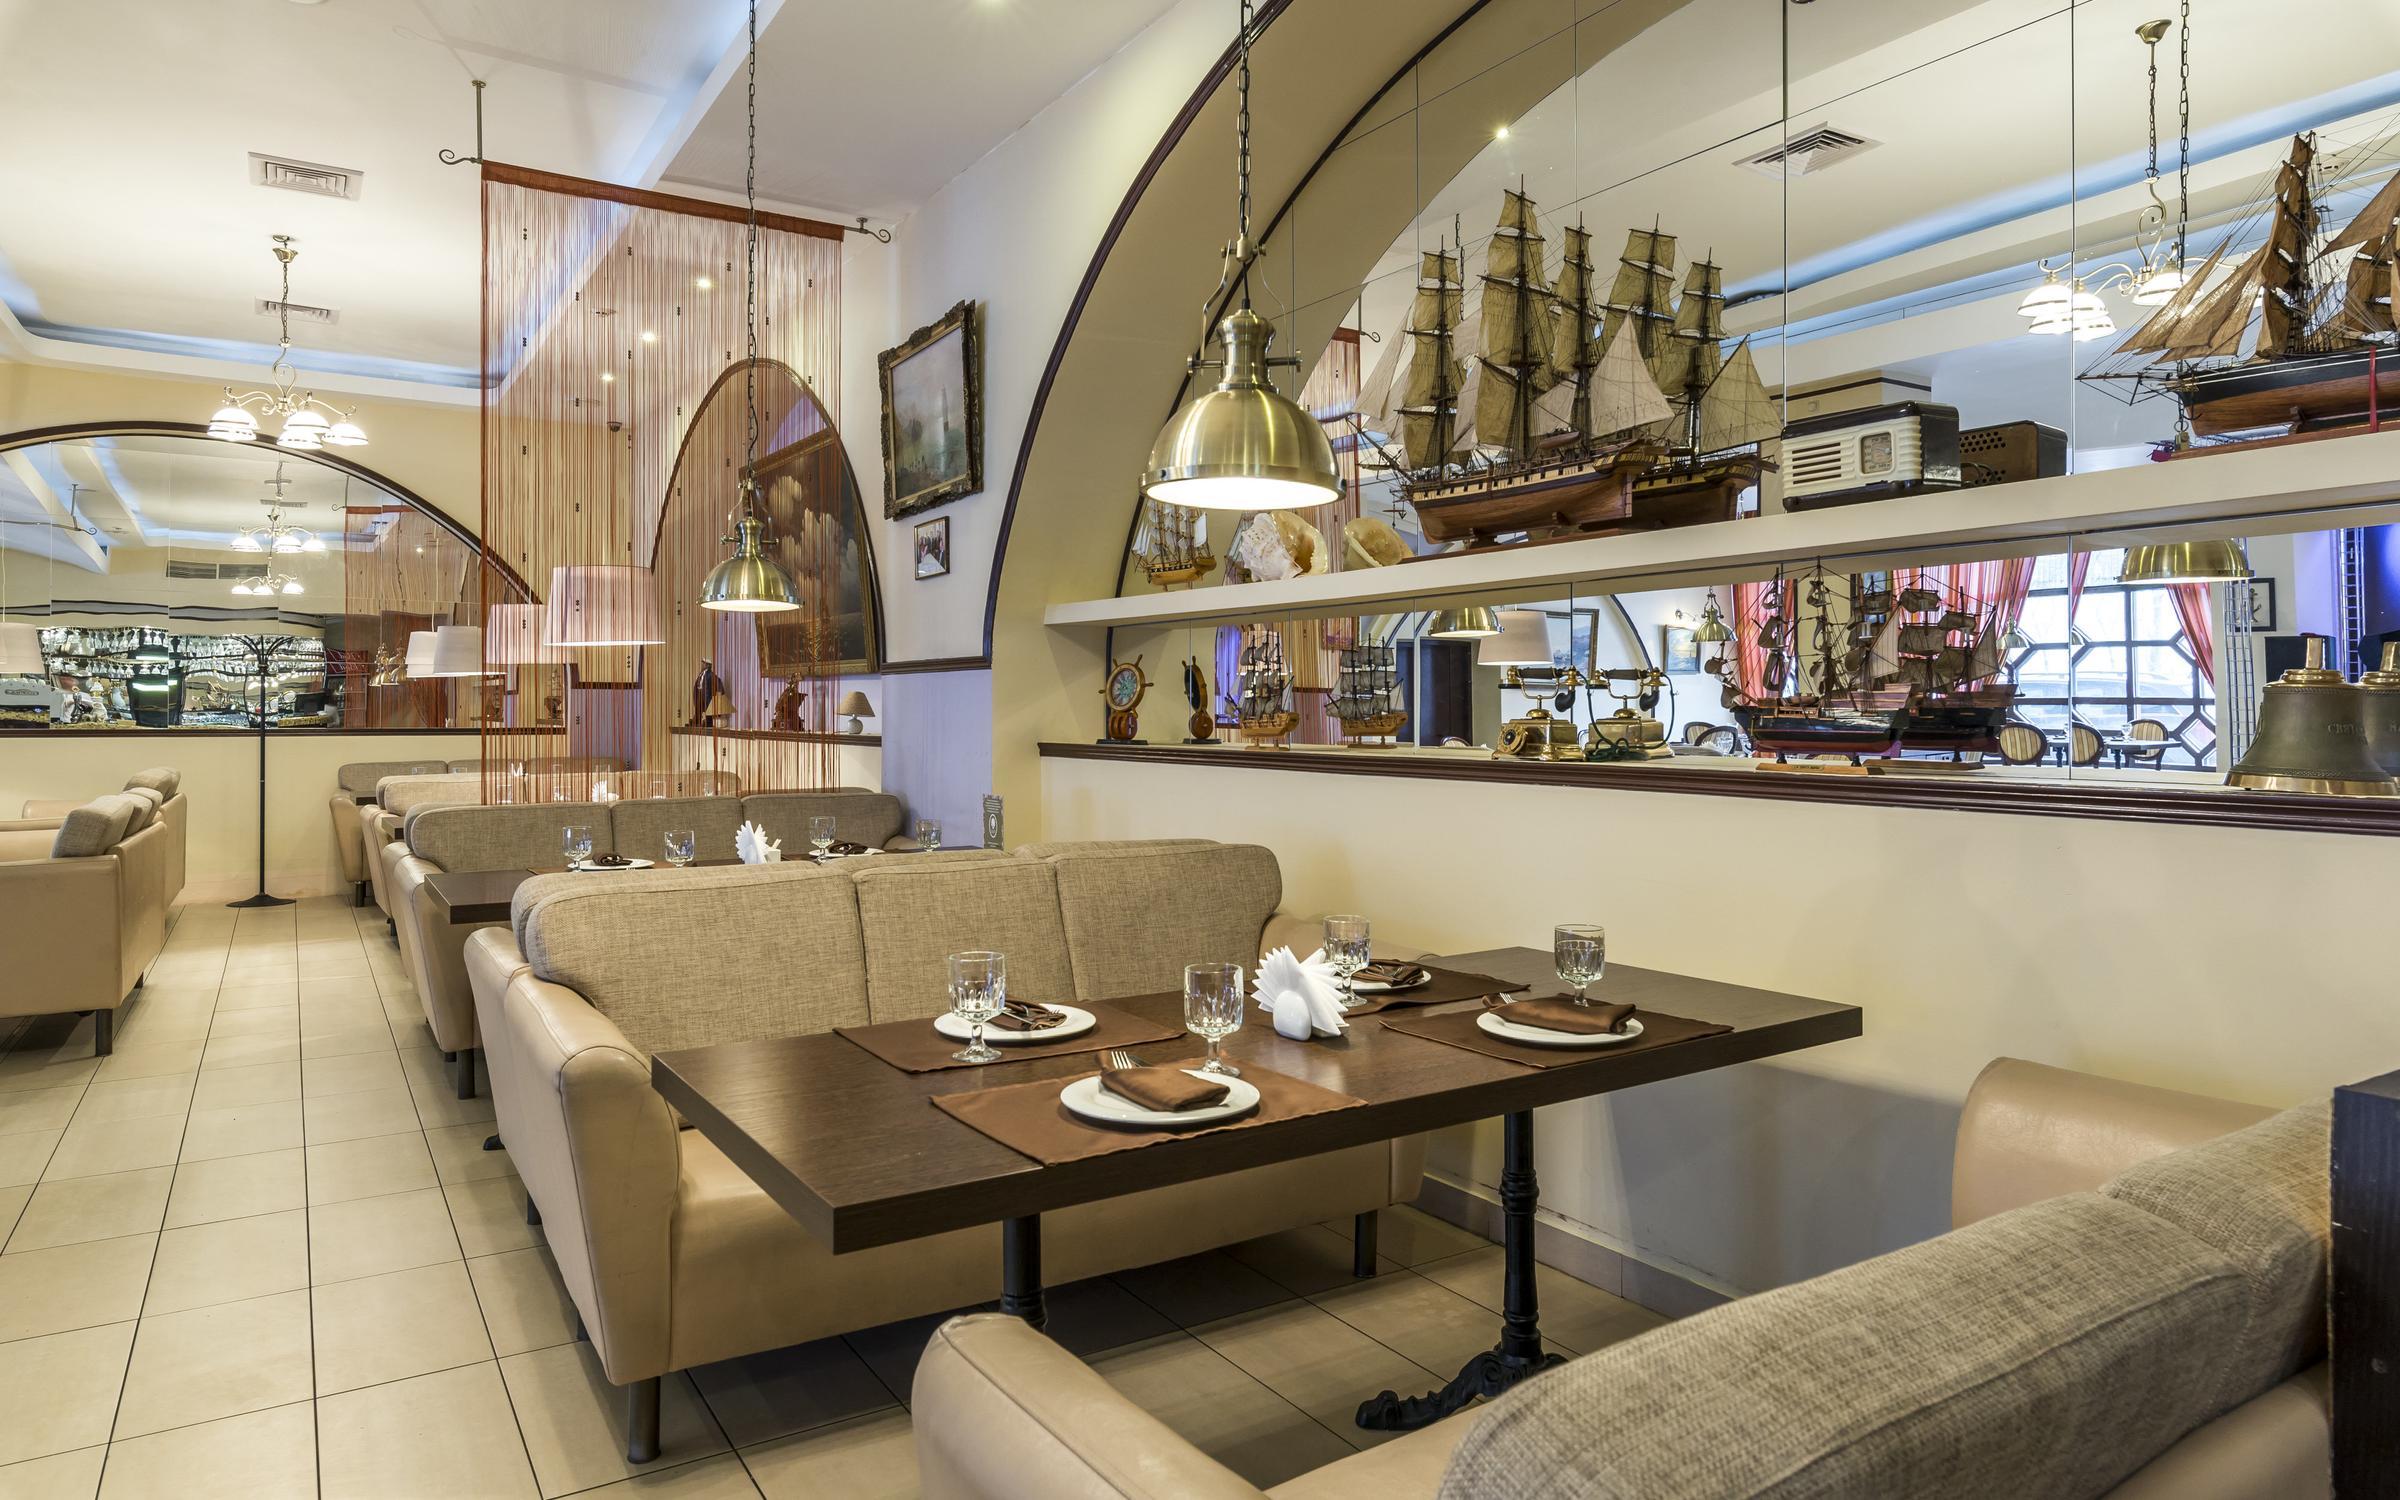 фотография Ресторана Каравелла в Кузьминках